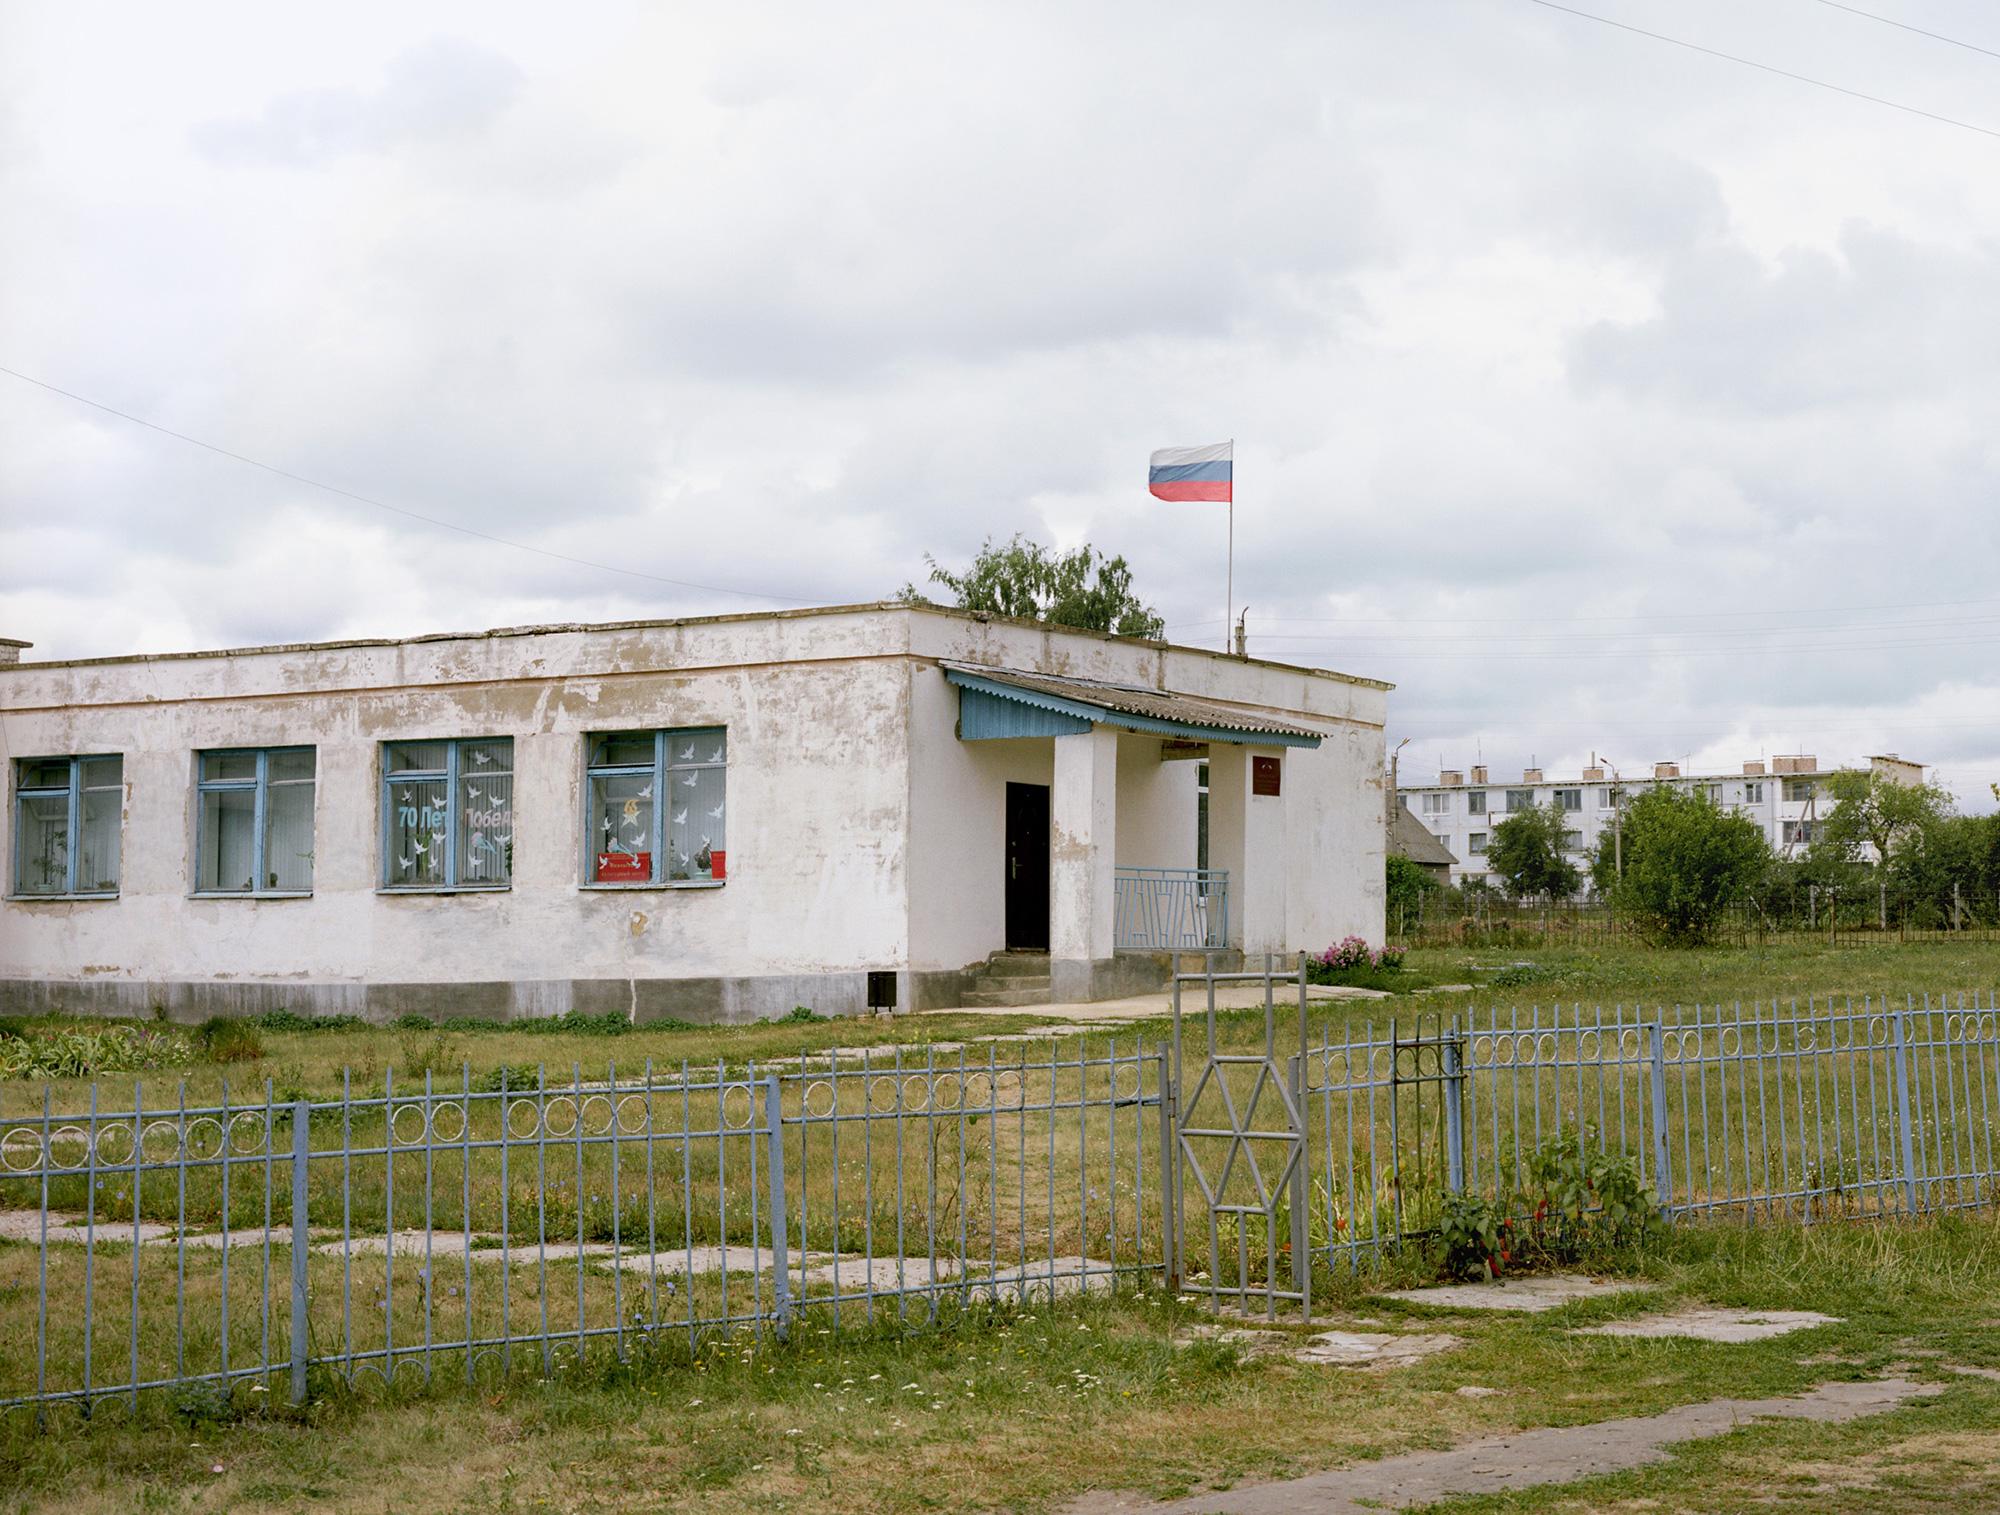 Ortschaft Wjashi-Sawerch, Verwaltungsgebäude